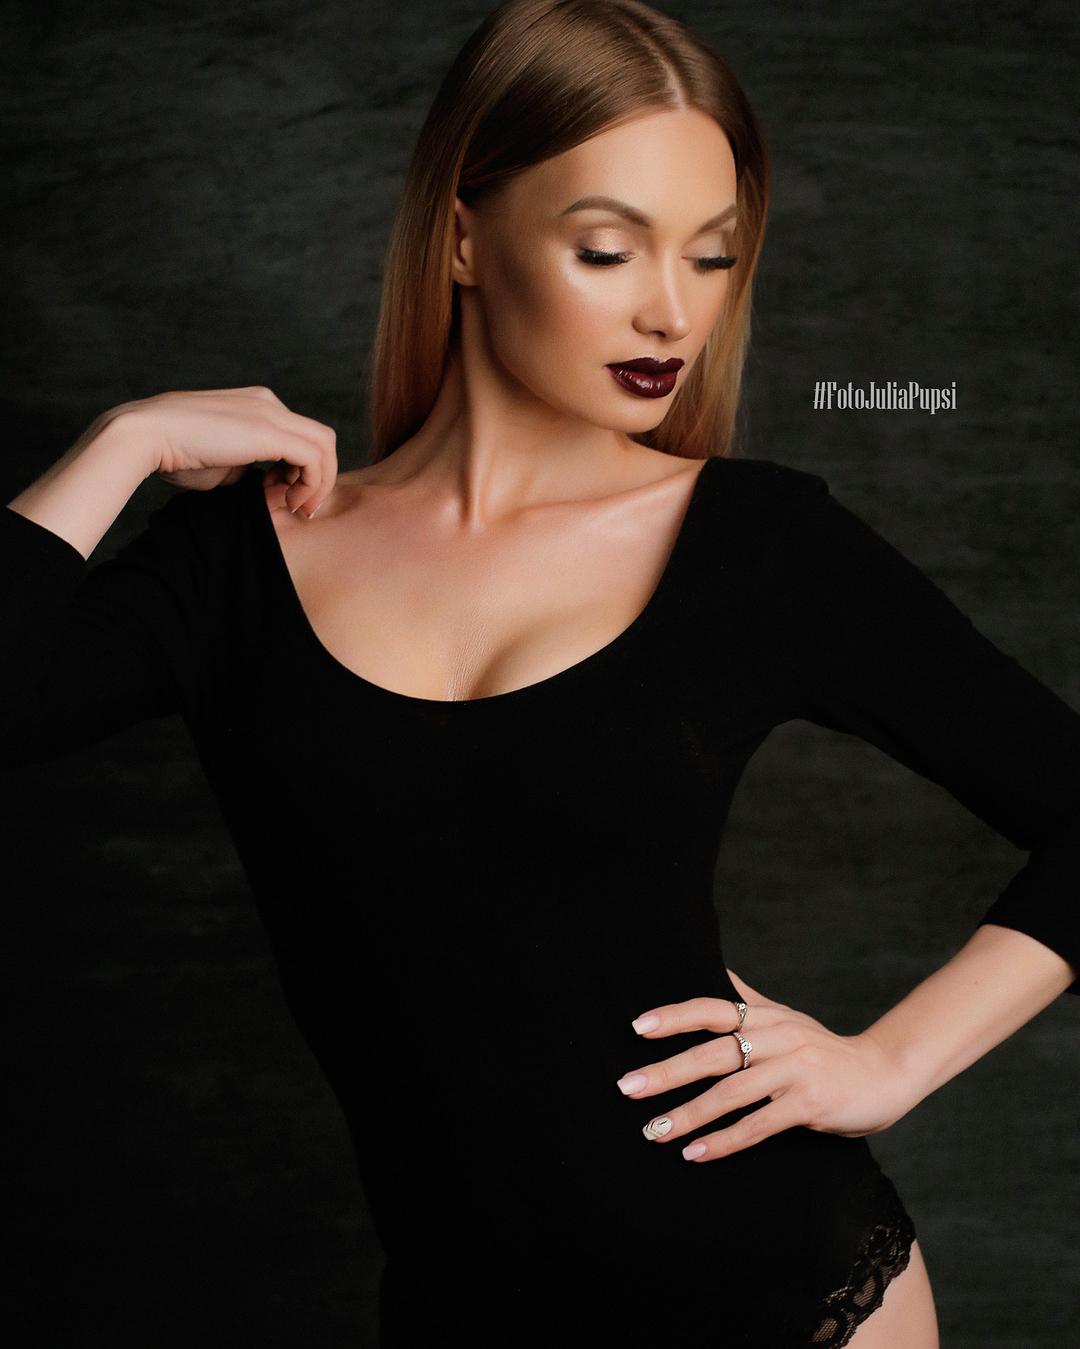 Евгения Феофилактова: Сегодня всю ночь разбирала свои вещи: платья, юбки, кофты, джинсы, костюмы, куртки, парки, обувь ...